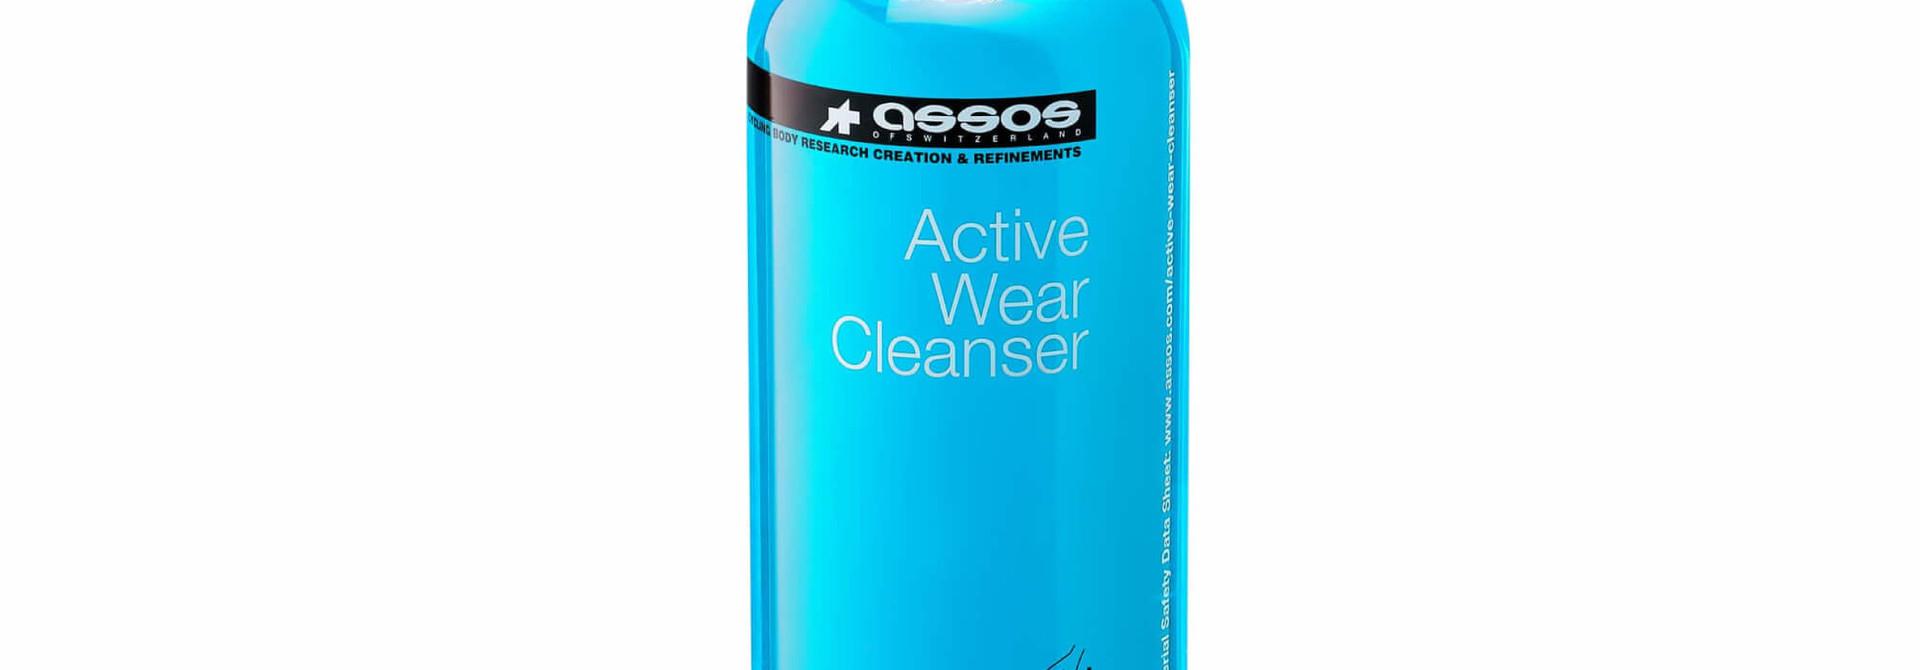 Active Wear Cleanser Single Unit 300 ml